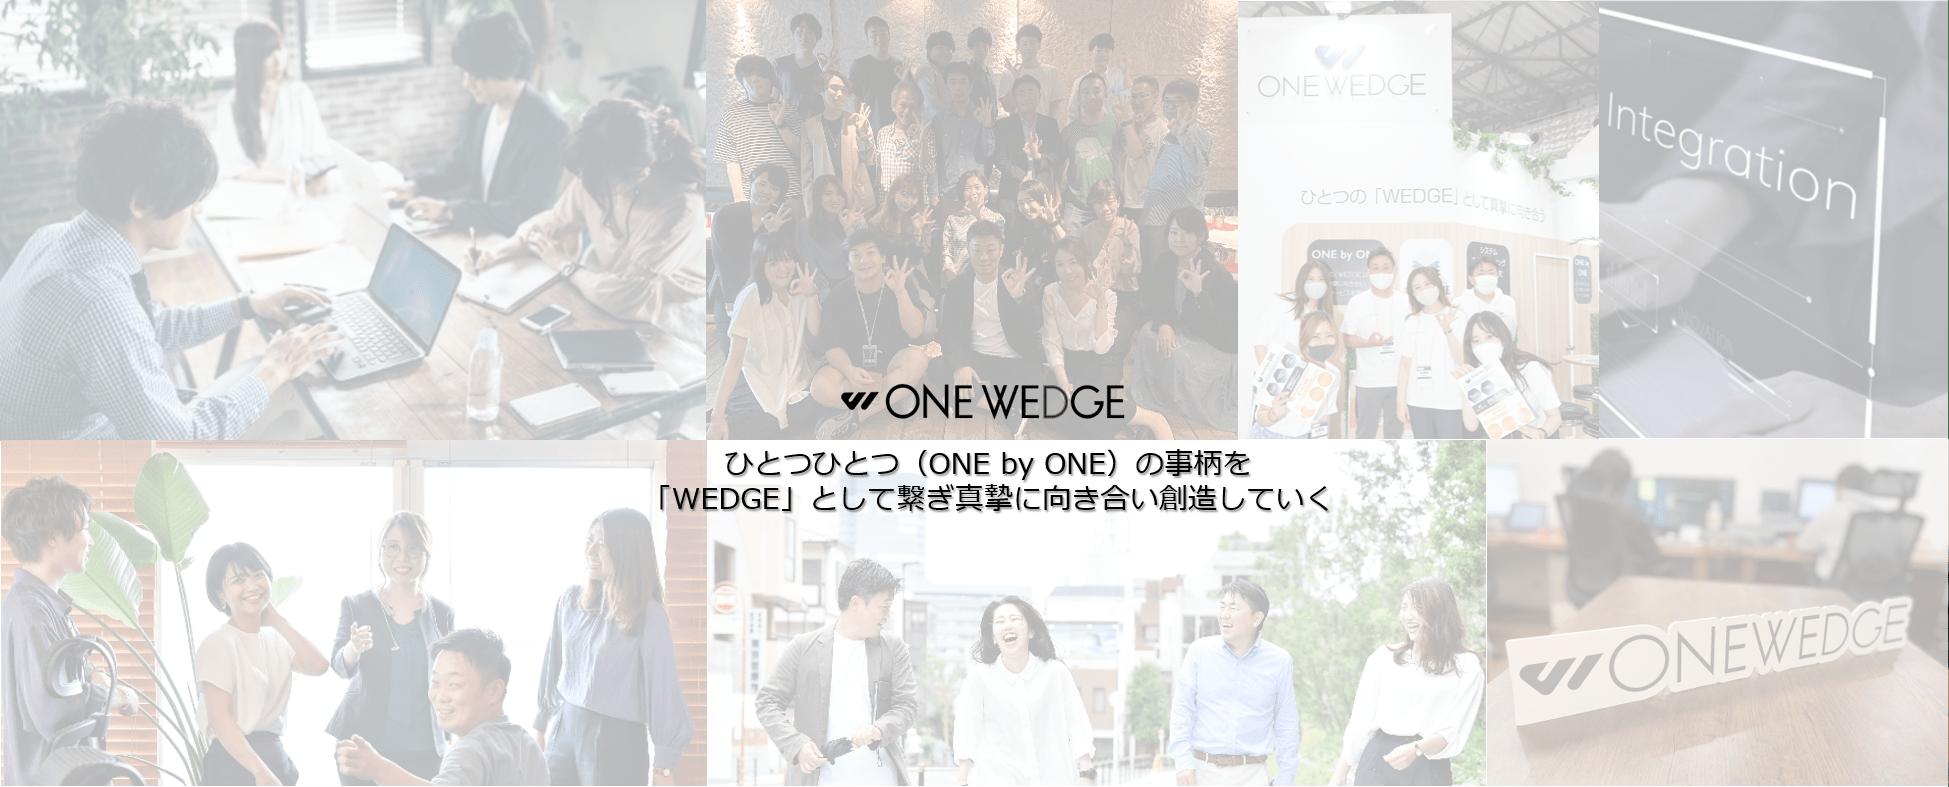 株式会社ONE WEDGEの【業務委託OK】AWSサーバーレス開発のWEBエンジニア募集の募集画像